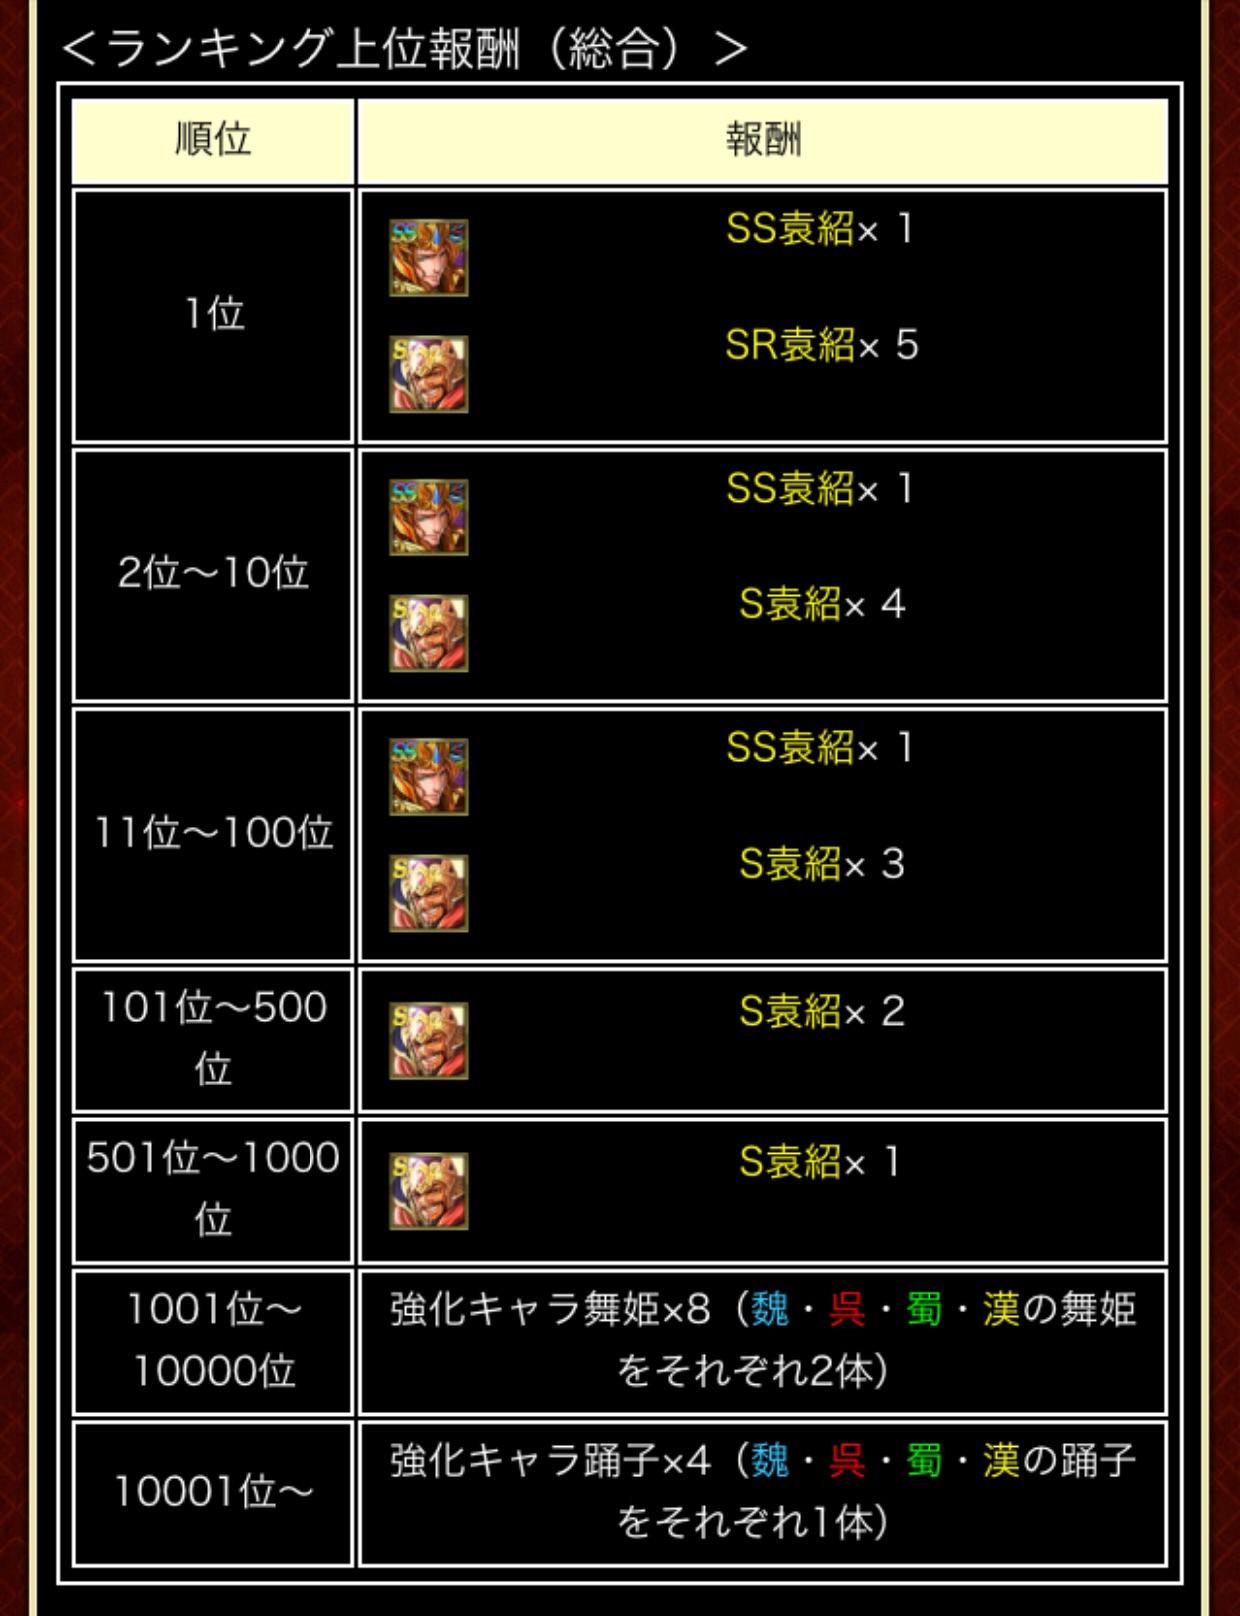 20151205045205810.jpg